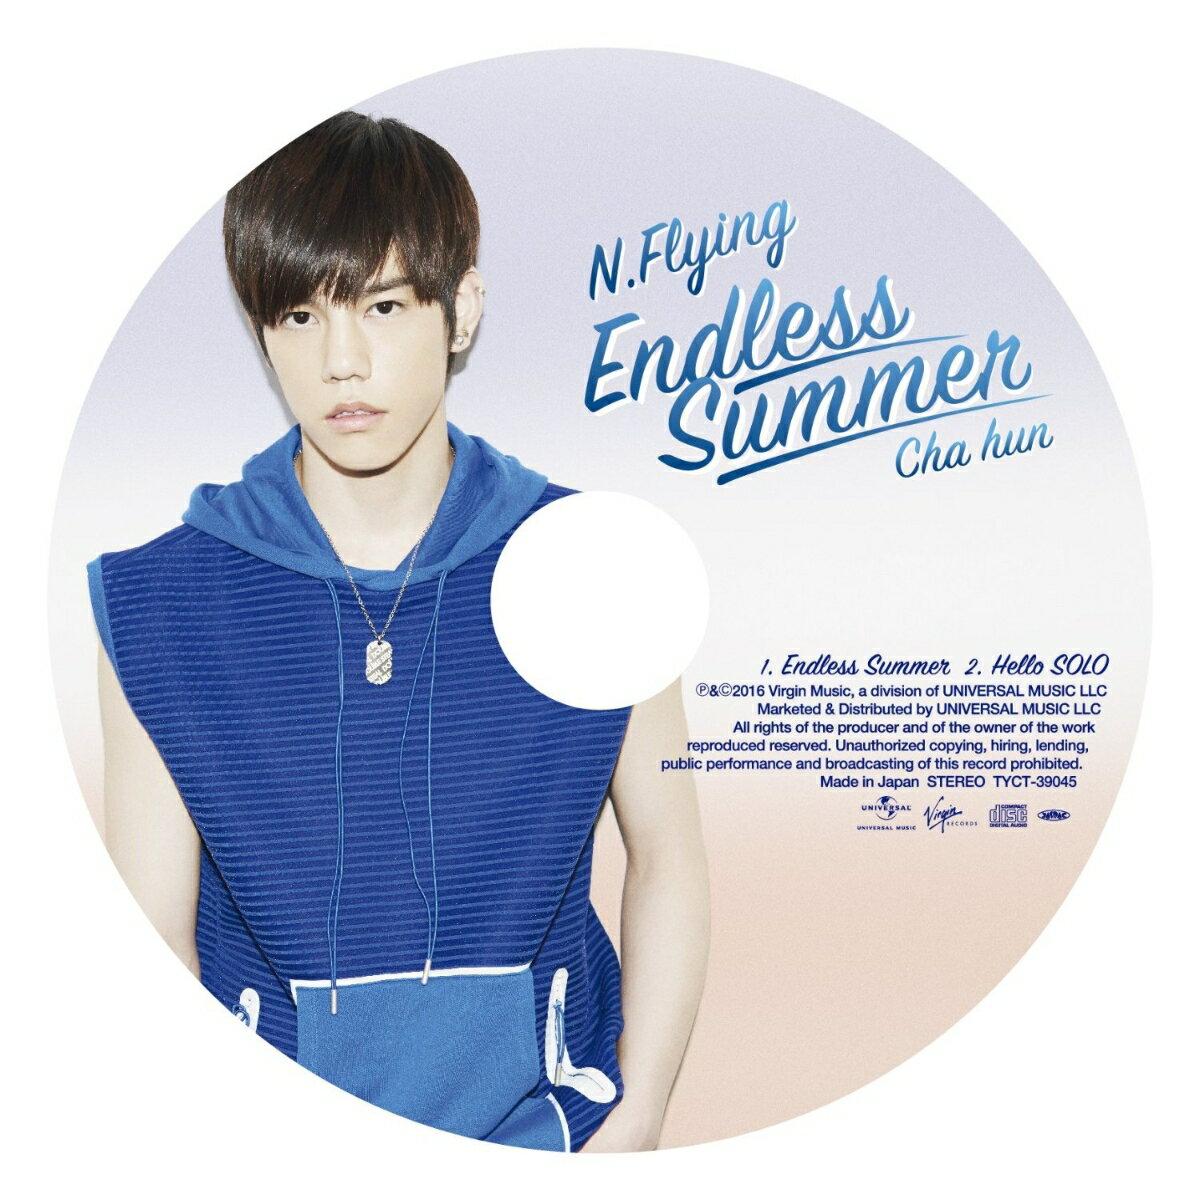 ロック・ポップス, その他 Endless Summer ( ) N.Flying